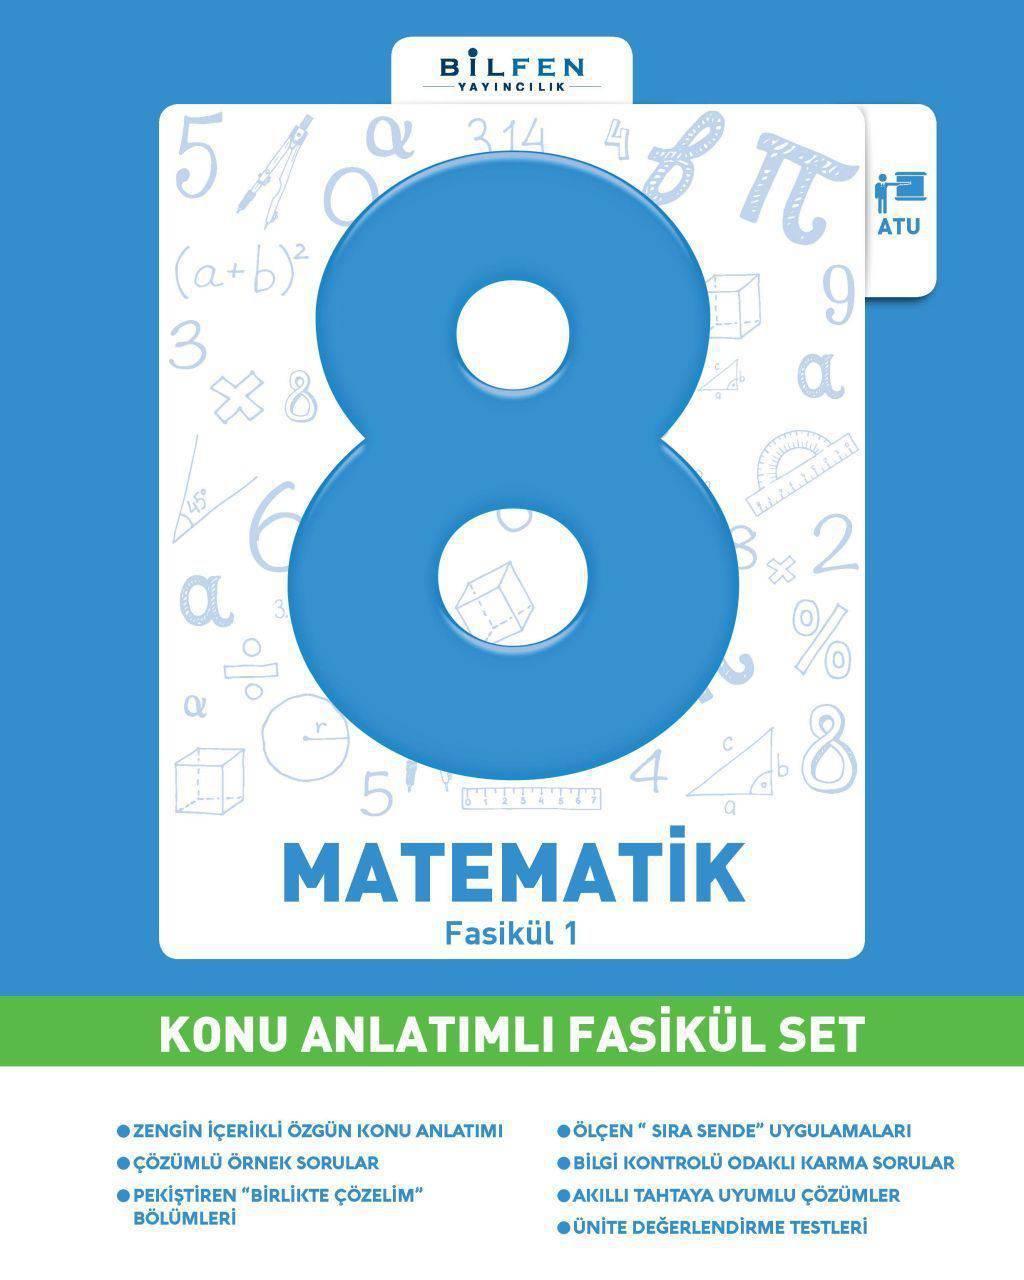 BİLFEN 8.SINIF MATEMATİK KONU ANLATIMLI FASİKÜL SET